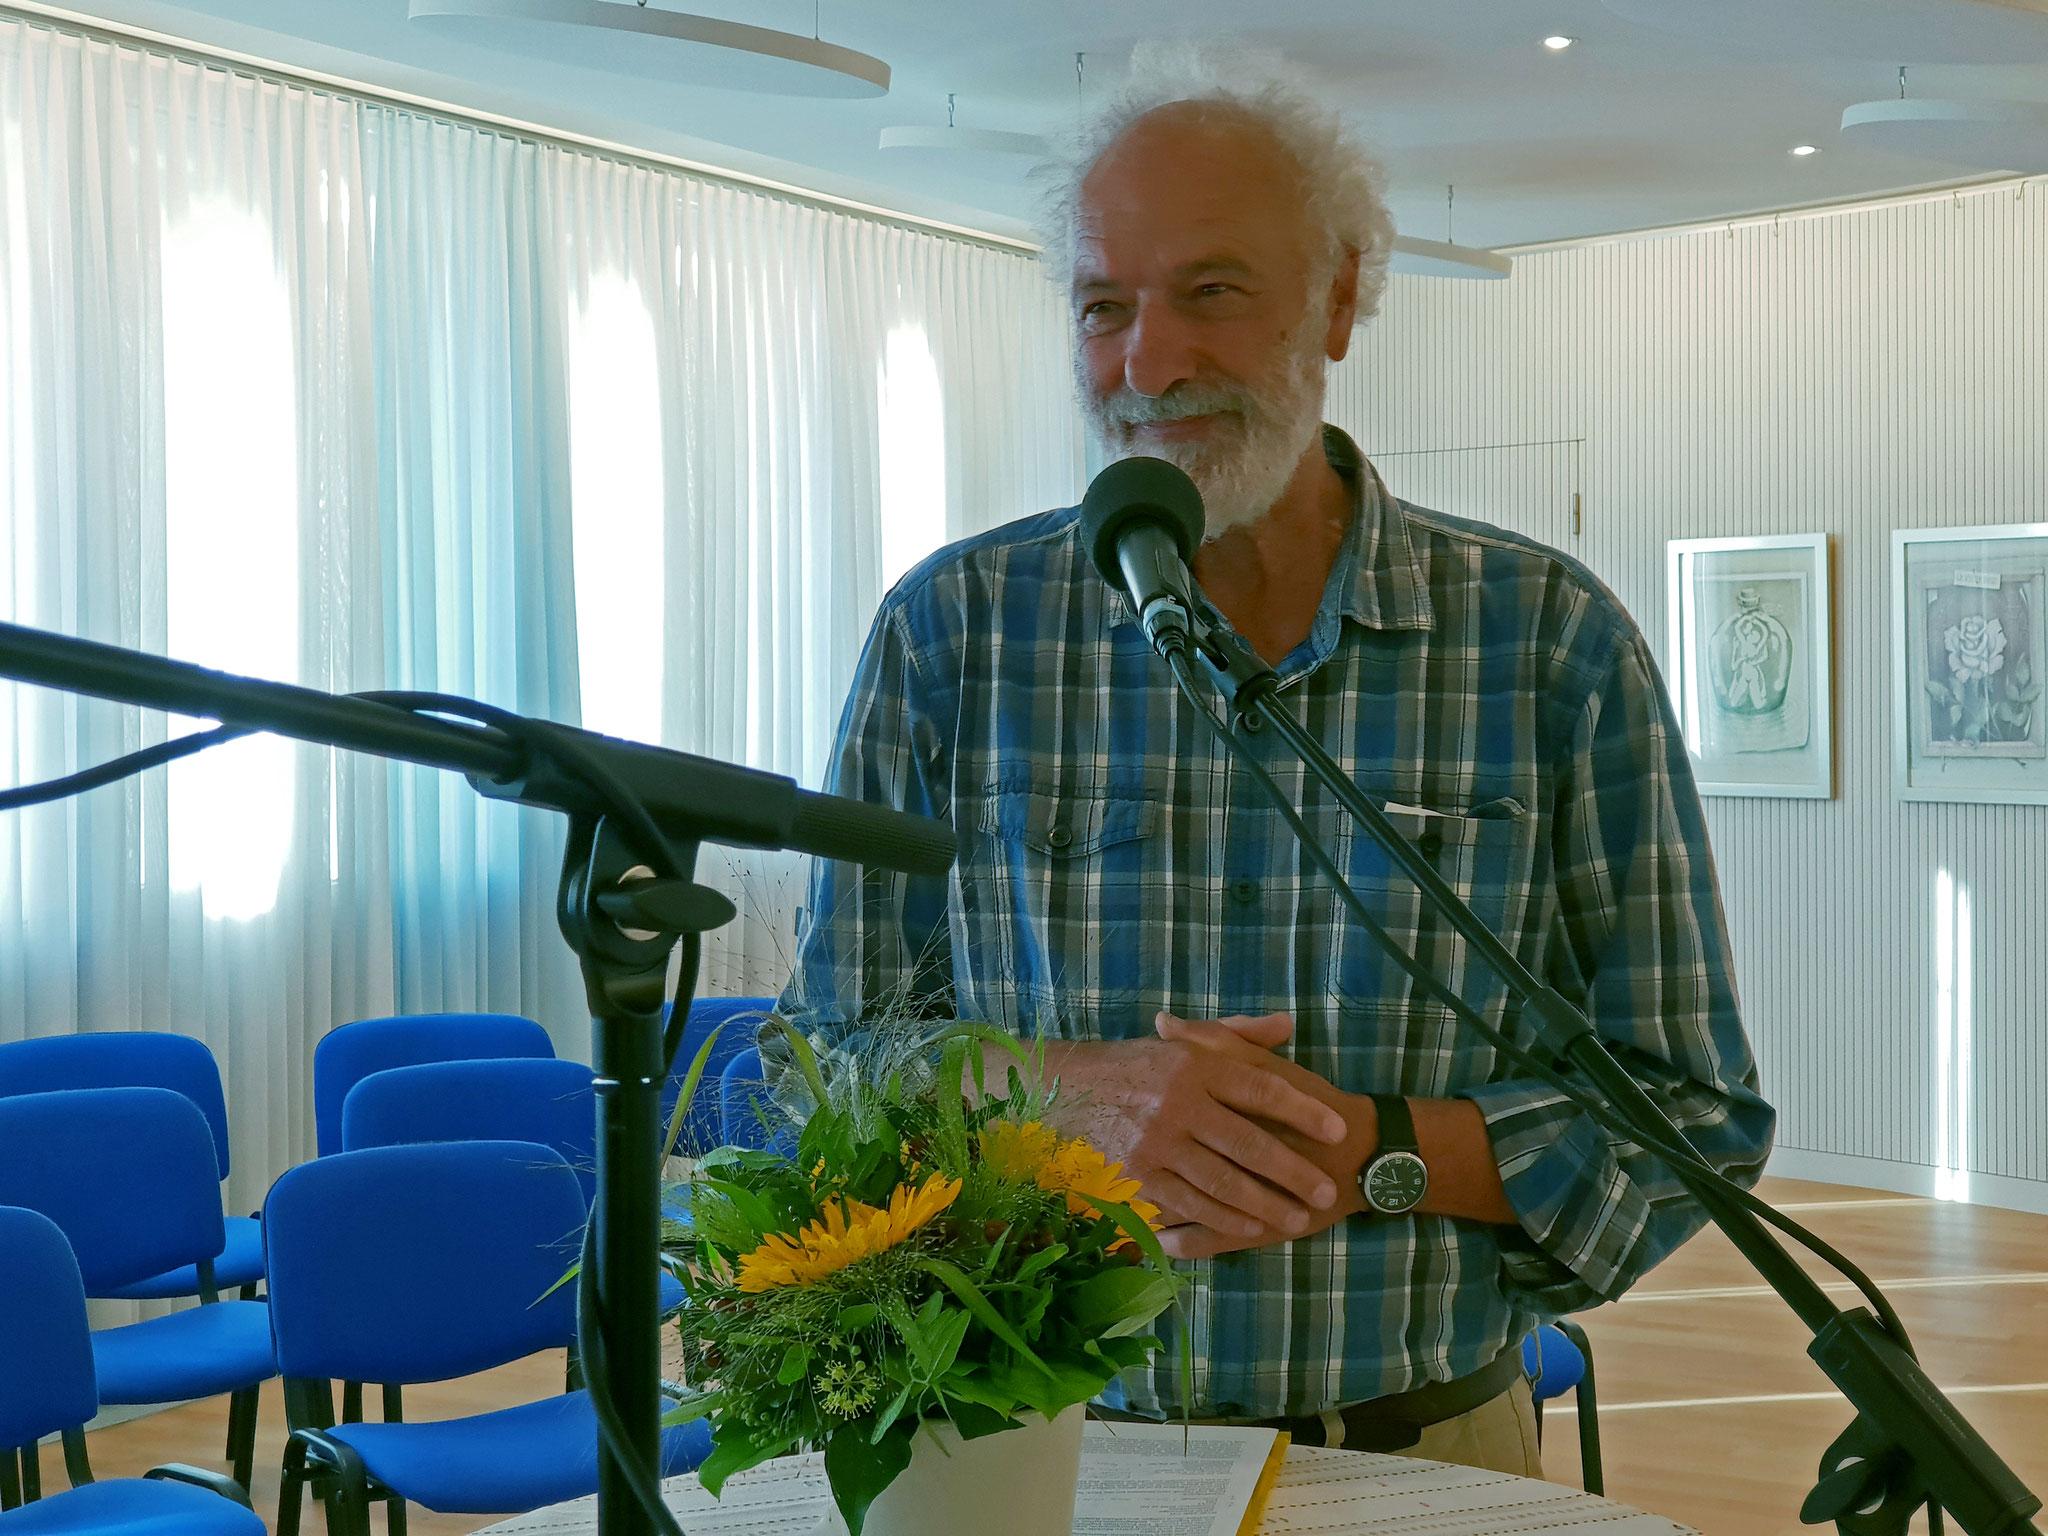 Herr Ueli Wildberger, Theologe und Co-Präsident von IFOR-MIR.ch